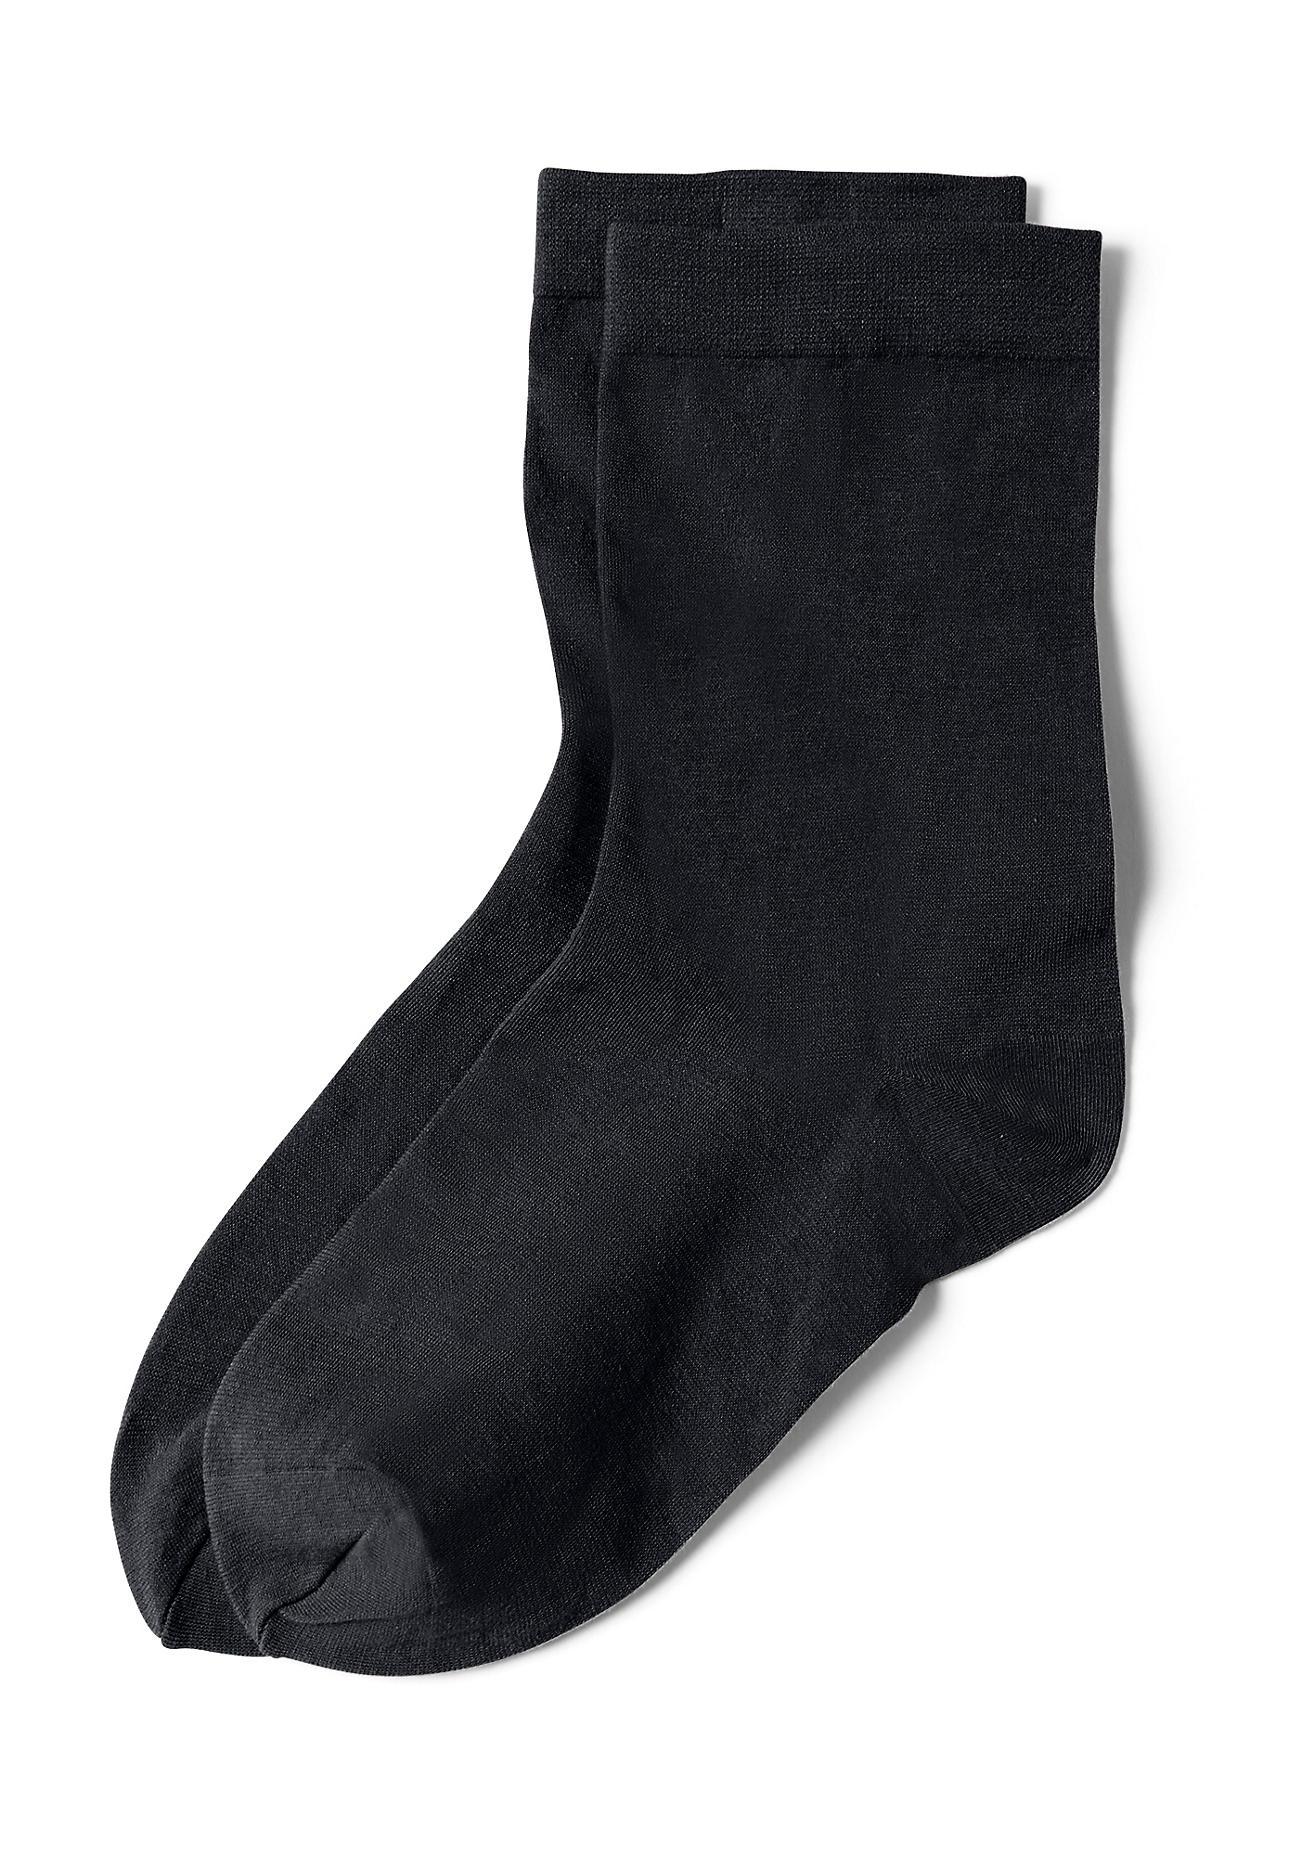 Socken für Frauen - hessnatur Feinstrumpfsocke aus Bio Baumwolle – schwarz –  - Onlineshop Hessnatur